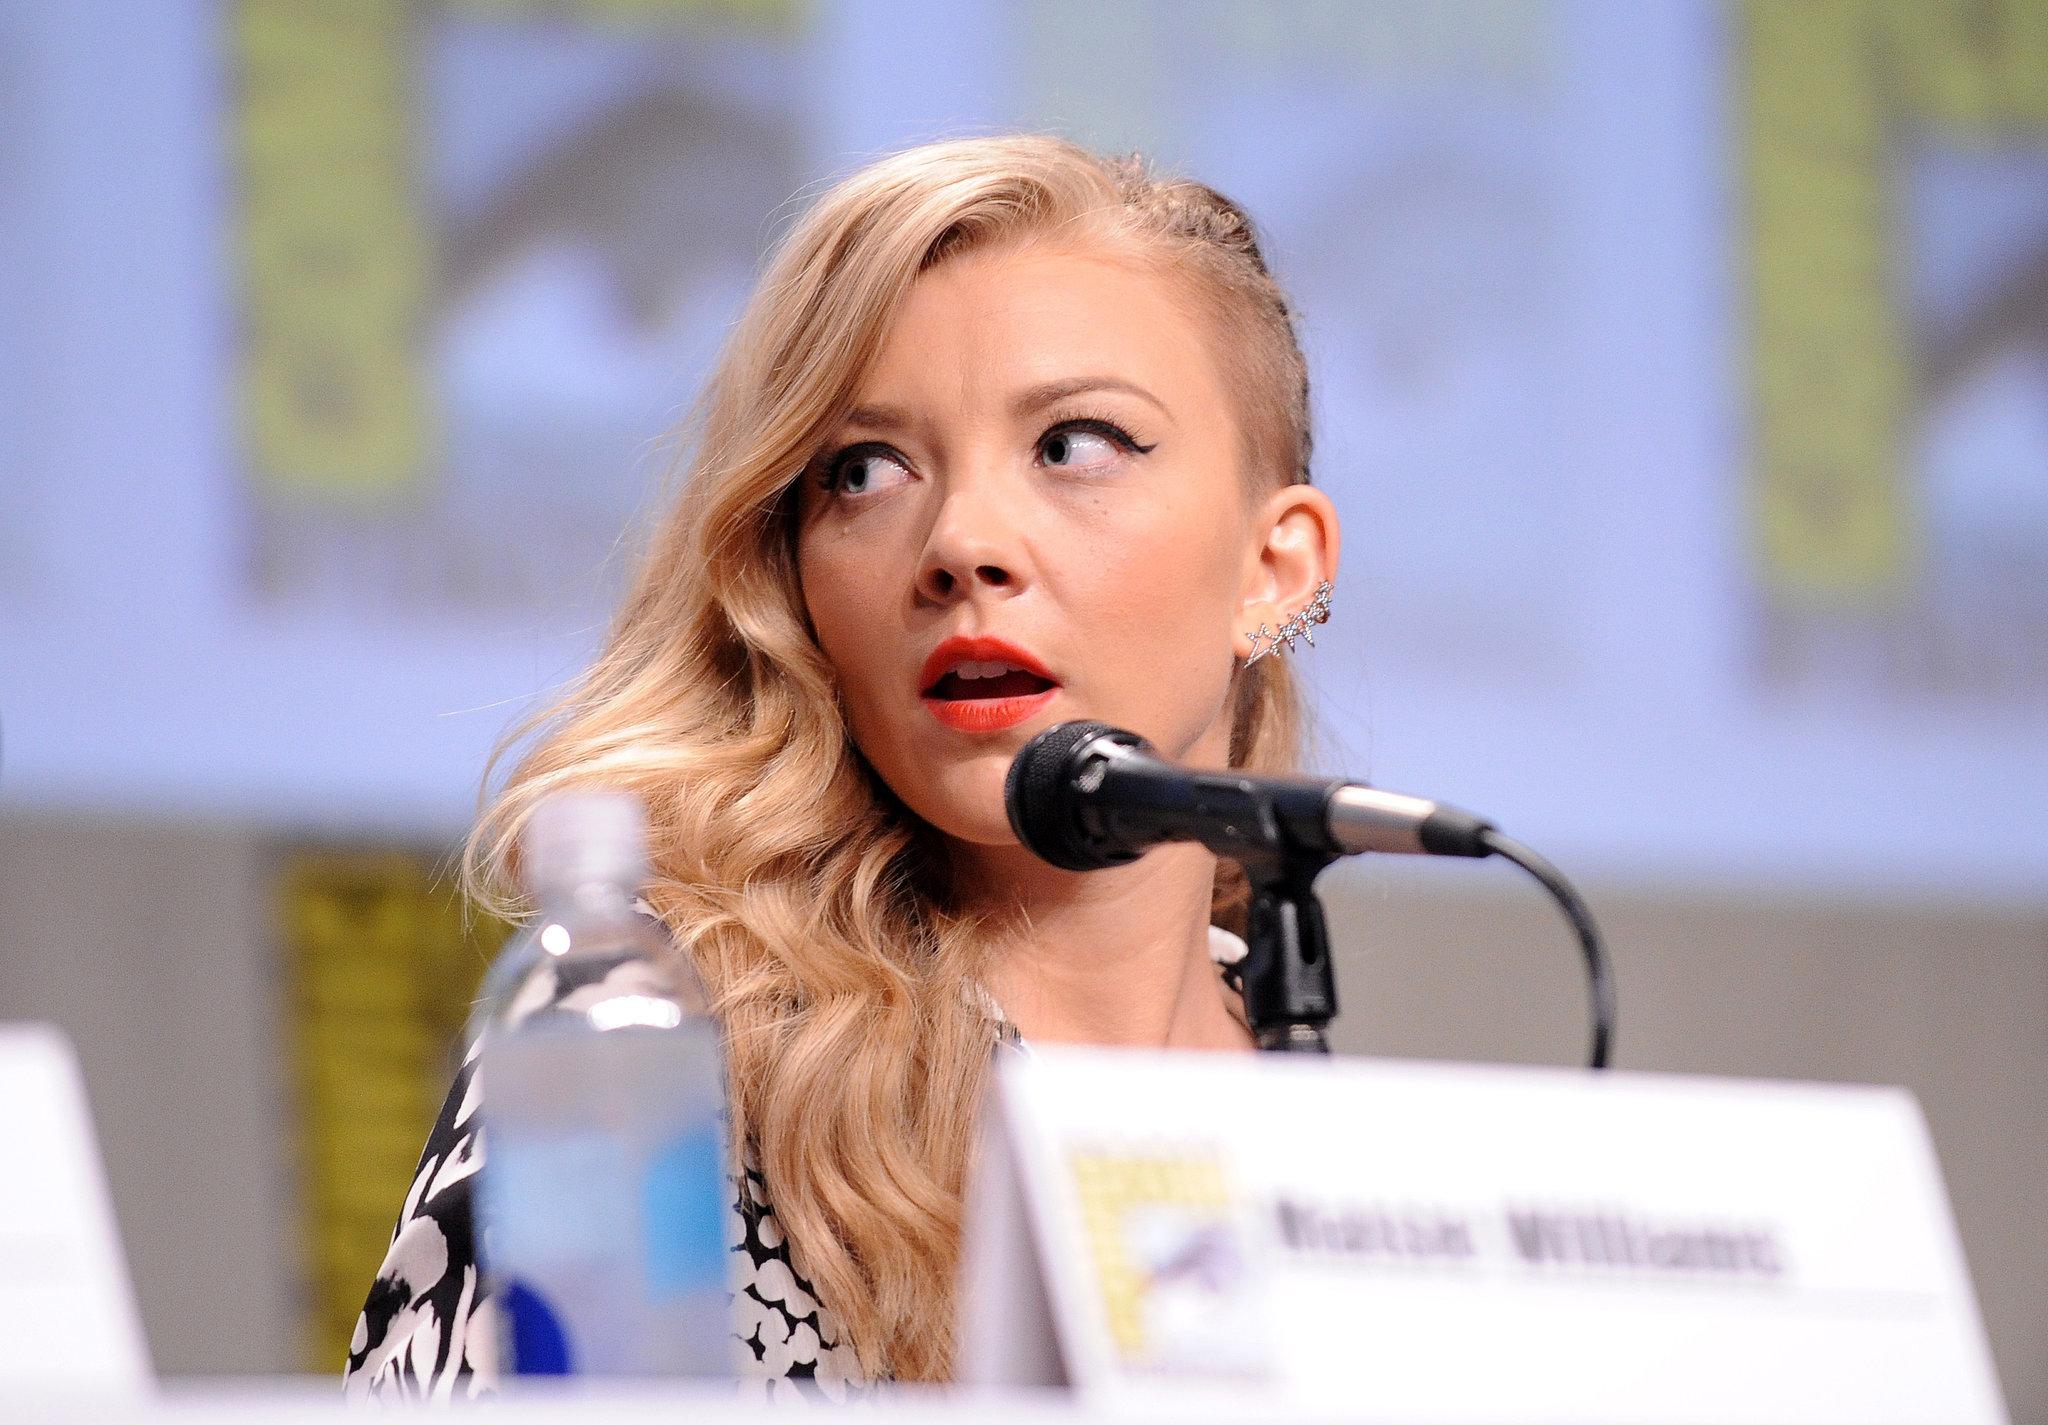 Natalie-Dormer-Margaery-Tyrell-Game-Thrones-Cressida-Hunger-Games